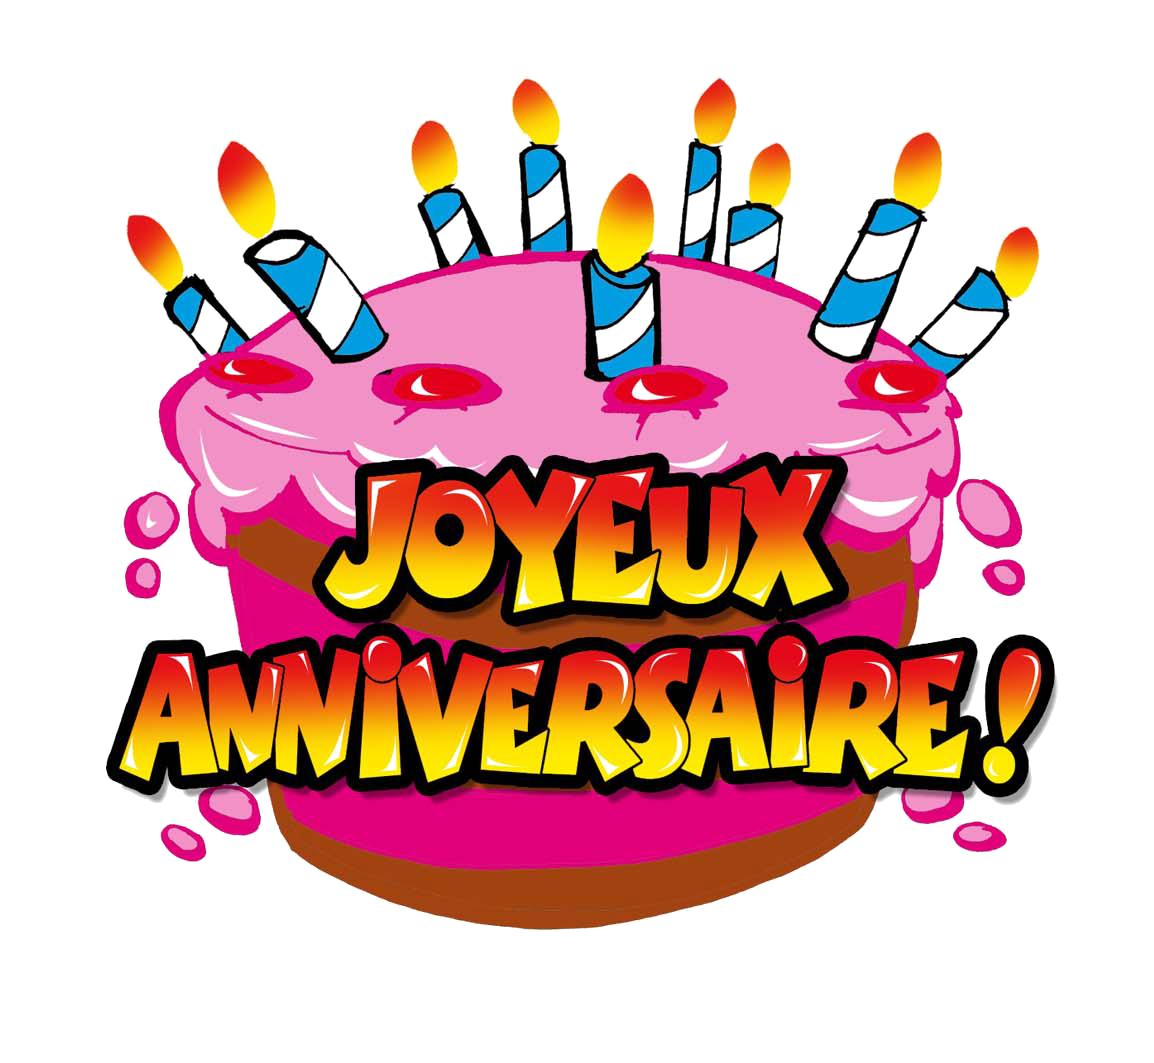 Joyeux Anniversaire Mon Cher Blog Blog De Julien Nicole